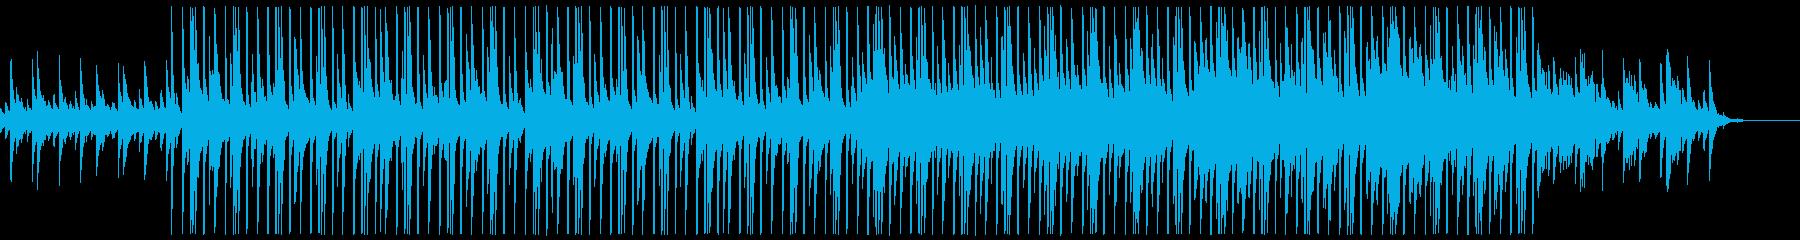 エレクトロニカ/ノスタルジック/不思議の再生済みの波形